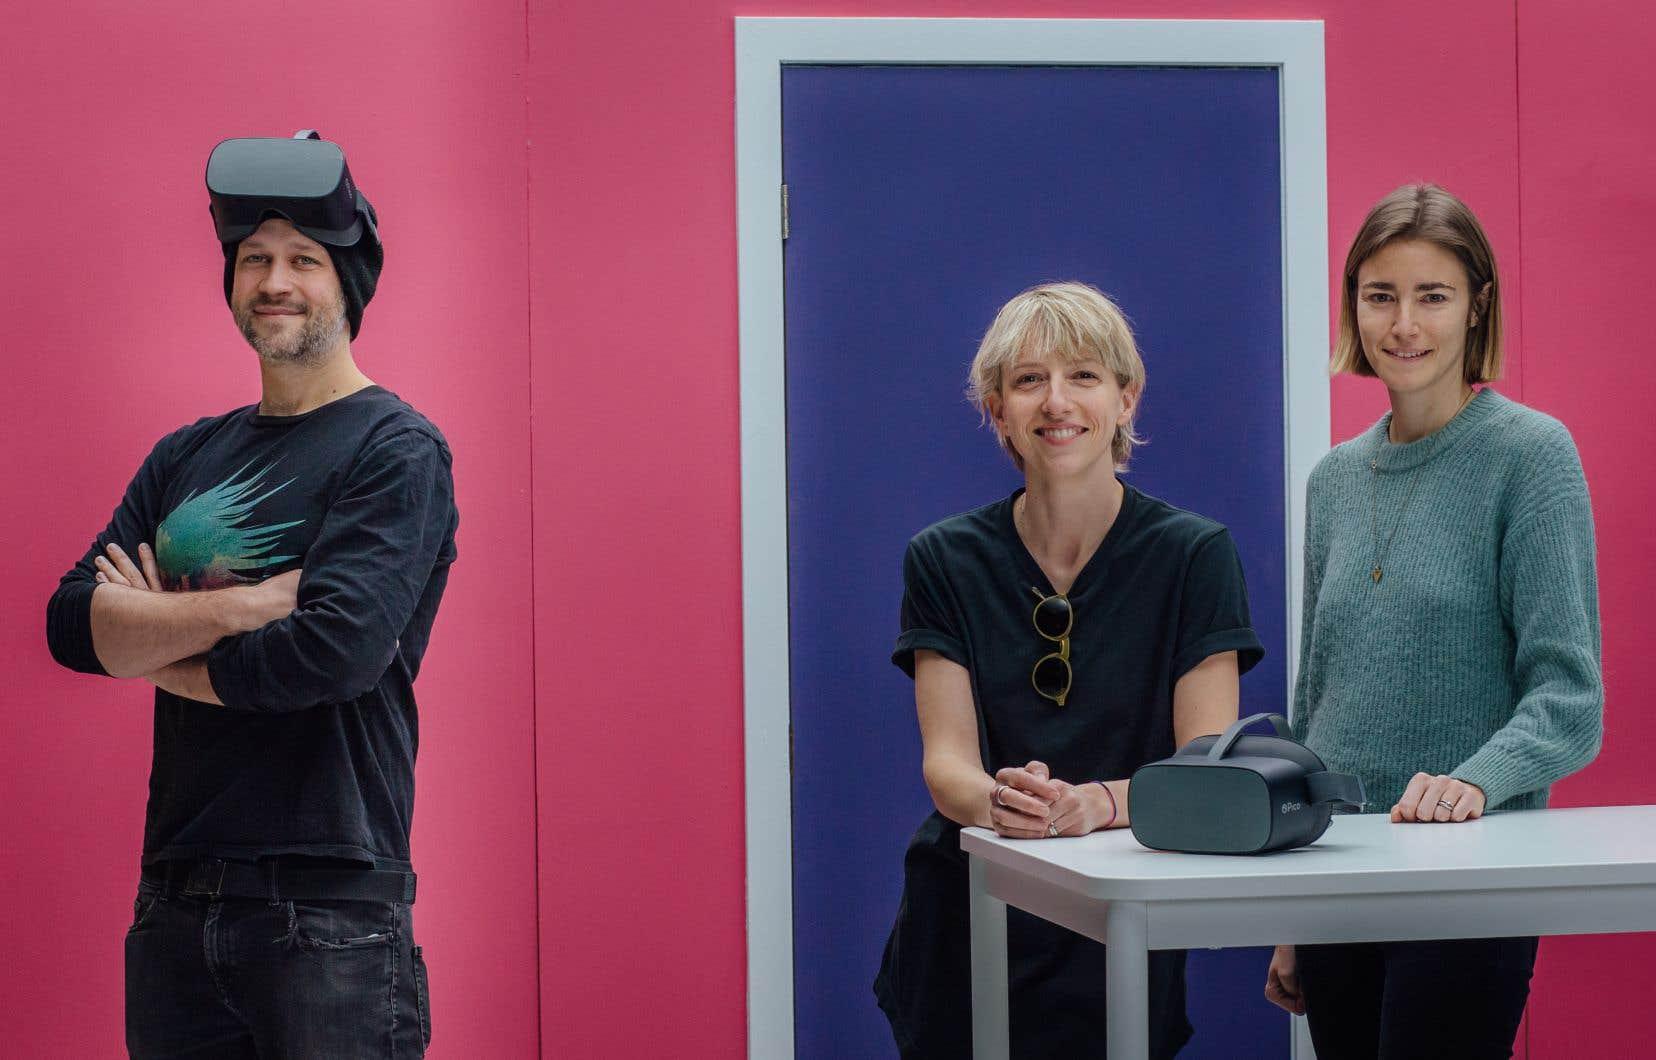 Alexandre Barrette, Marcella Grimaux et Catherine Simard lors du tournage d'un clip en réalité virtuelle avec Fouki, dans le cadre du projet Asteria, au studio Notre-Dame.